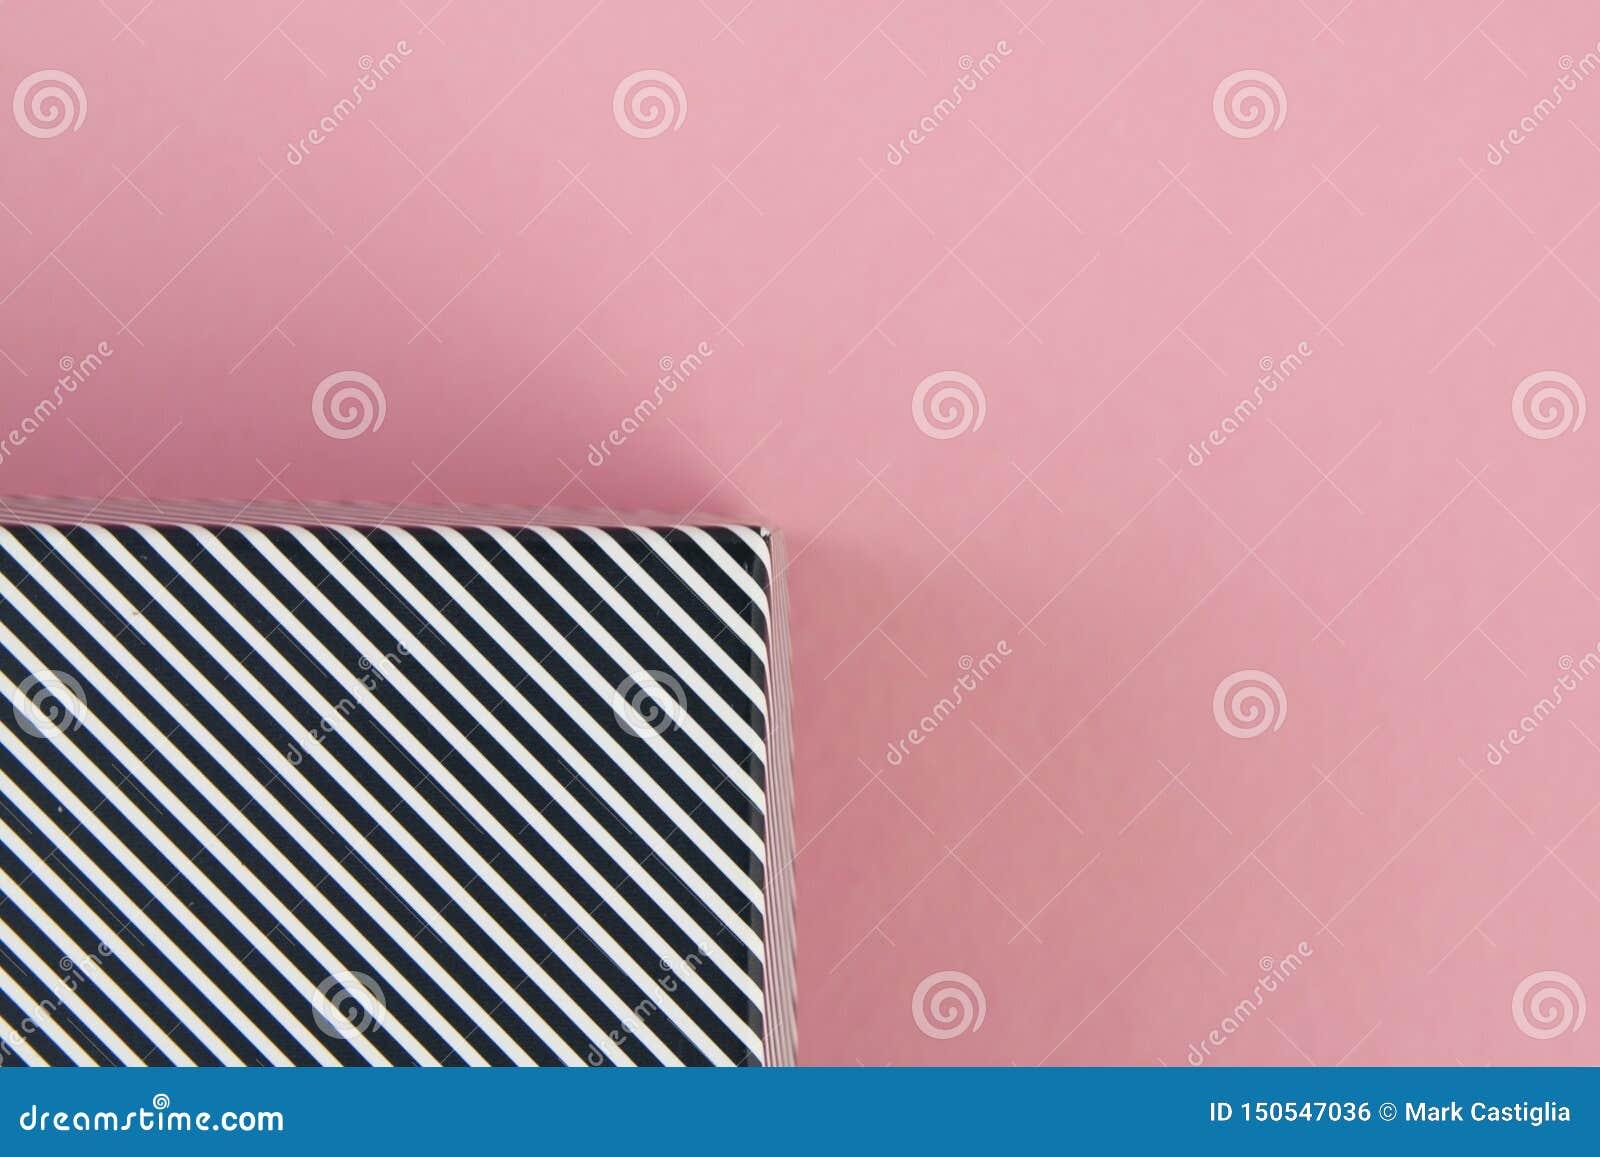 Bande in bianco e nero diagonali su fondo rosa pastello